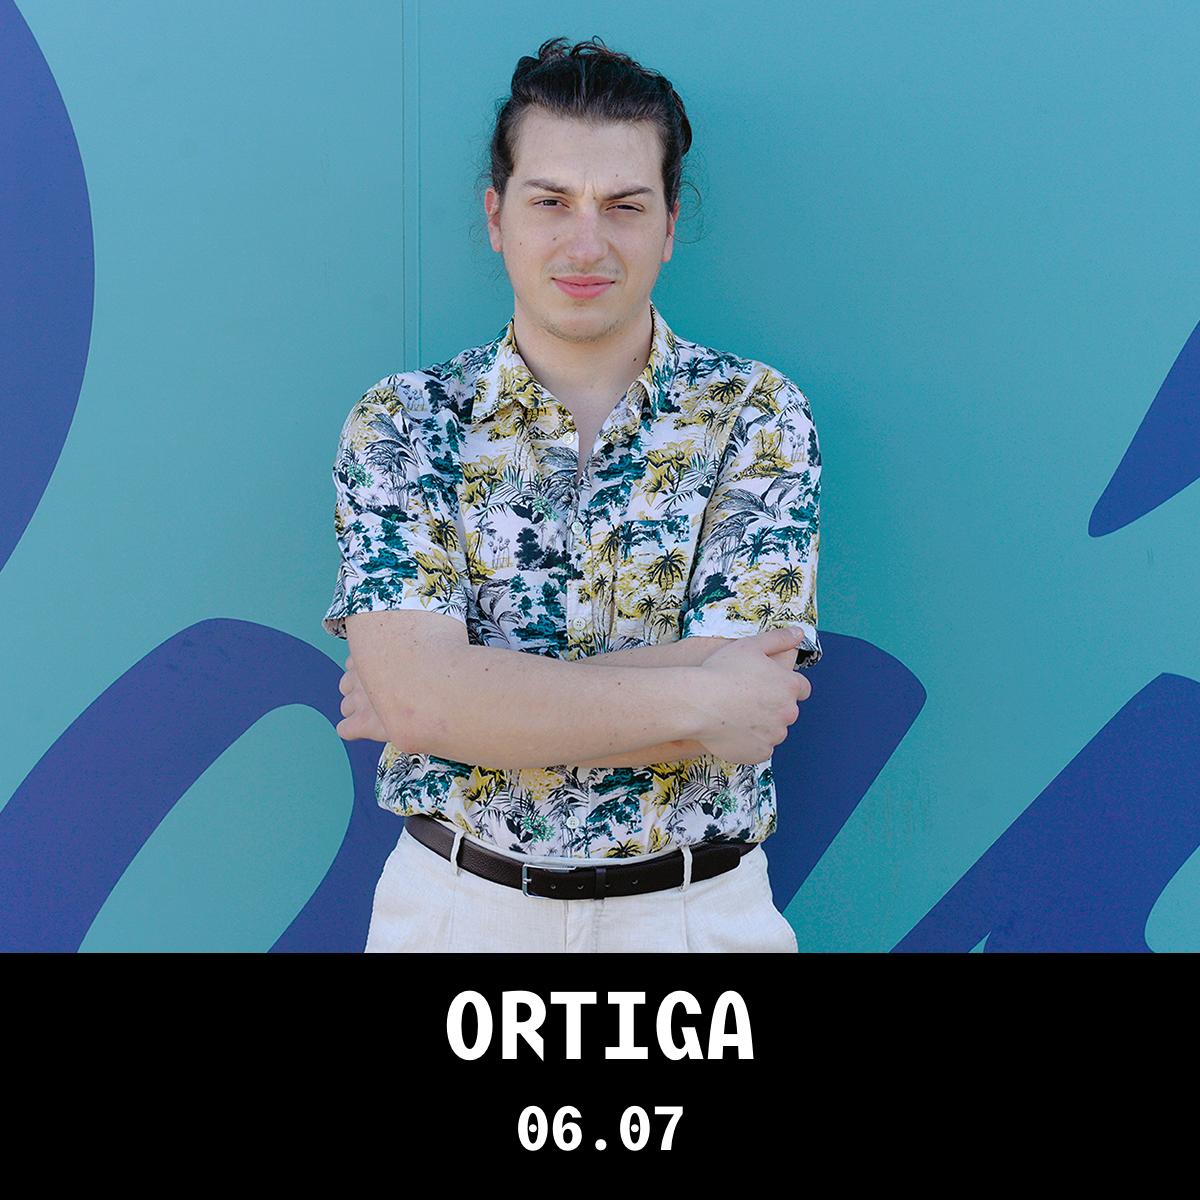 Ortiga_Projecte_1x1_web_caixa.png